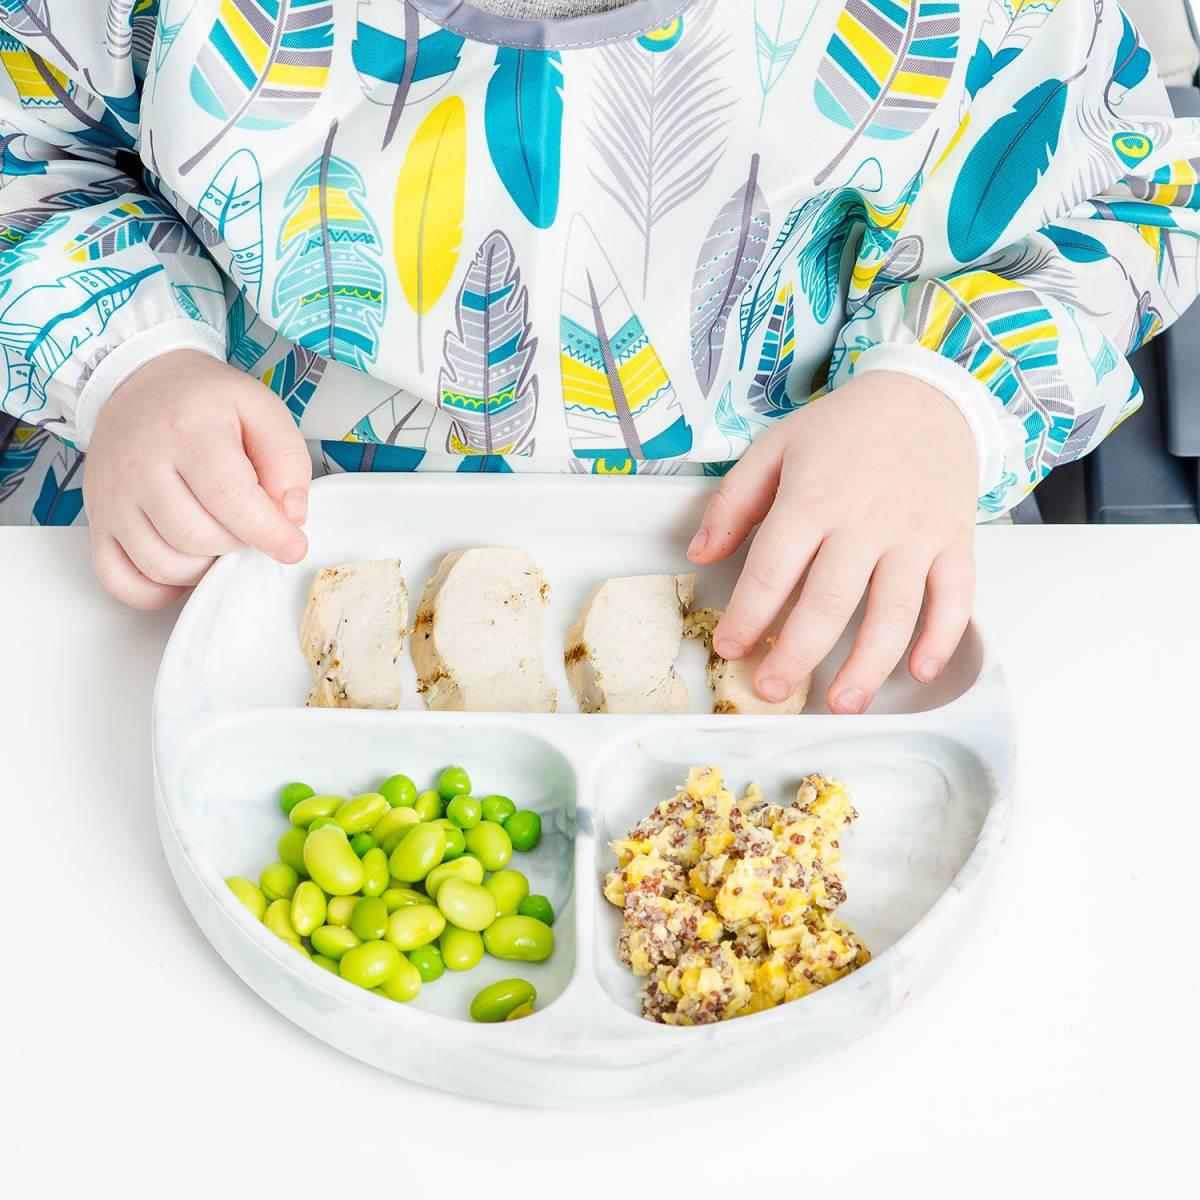 初めてのお食事セット!4点キッズセット 離乳食づくりを楽しく、便利に バンキンス Bumkins シリコン食器 われない こぼれない_画像3